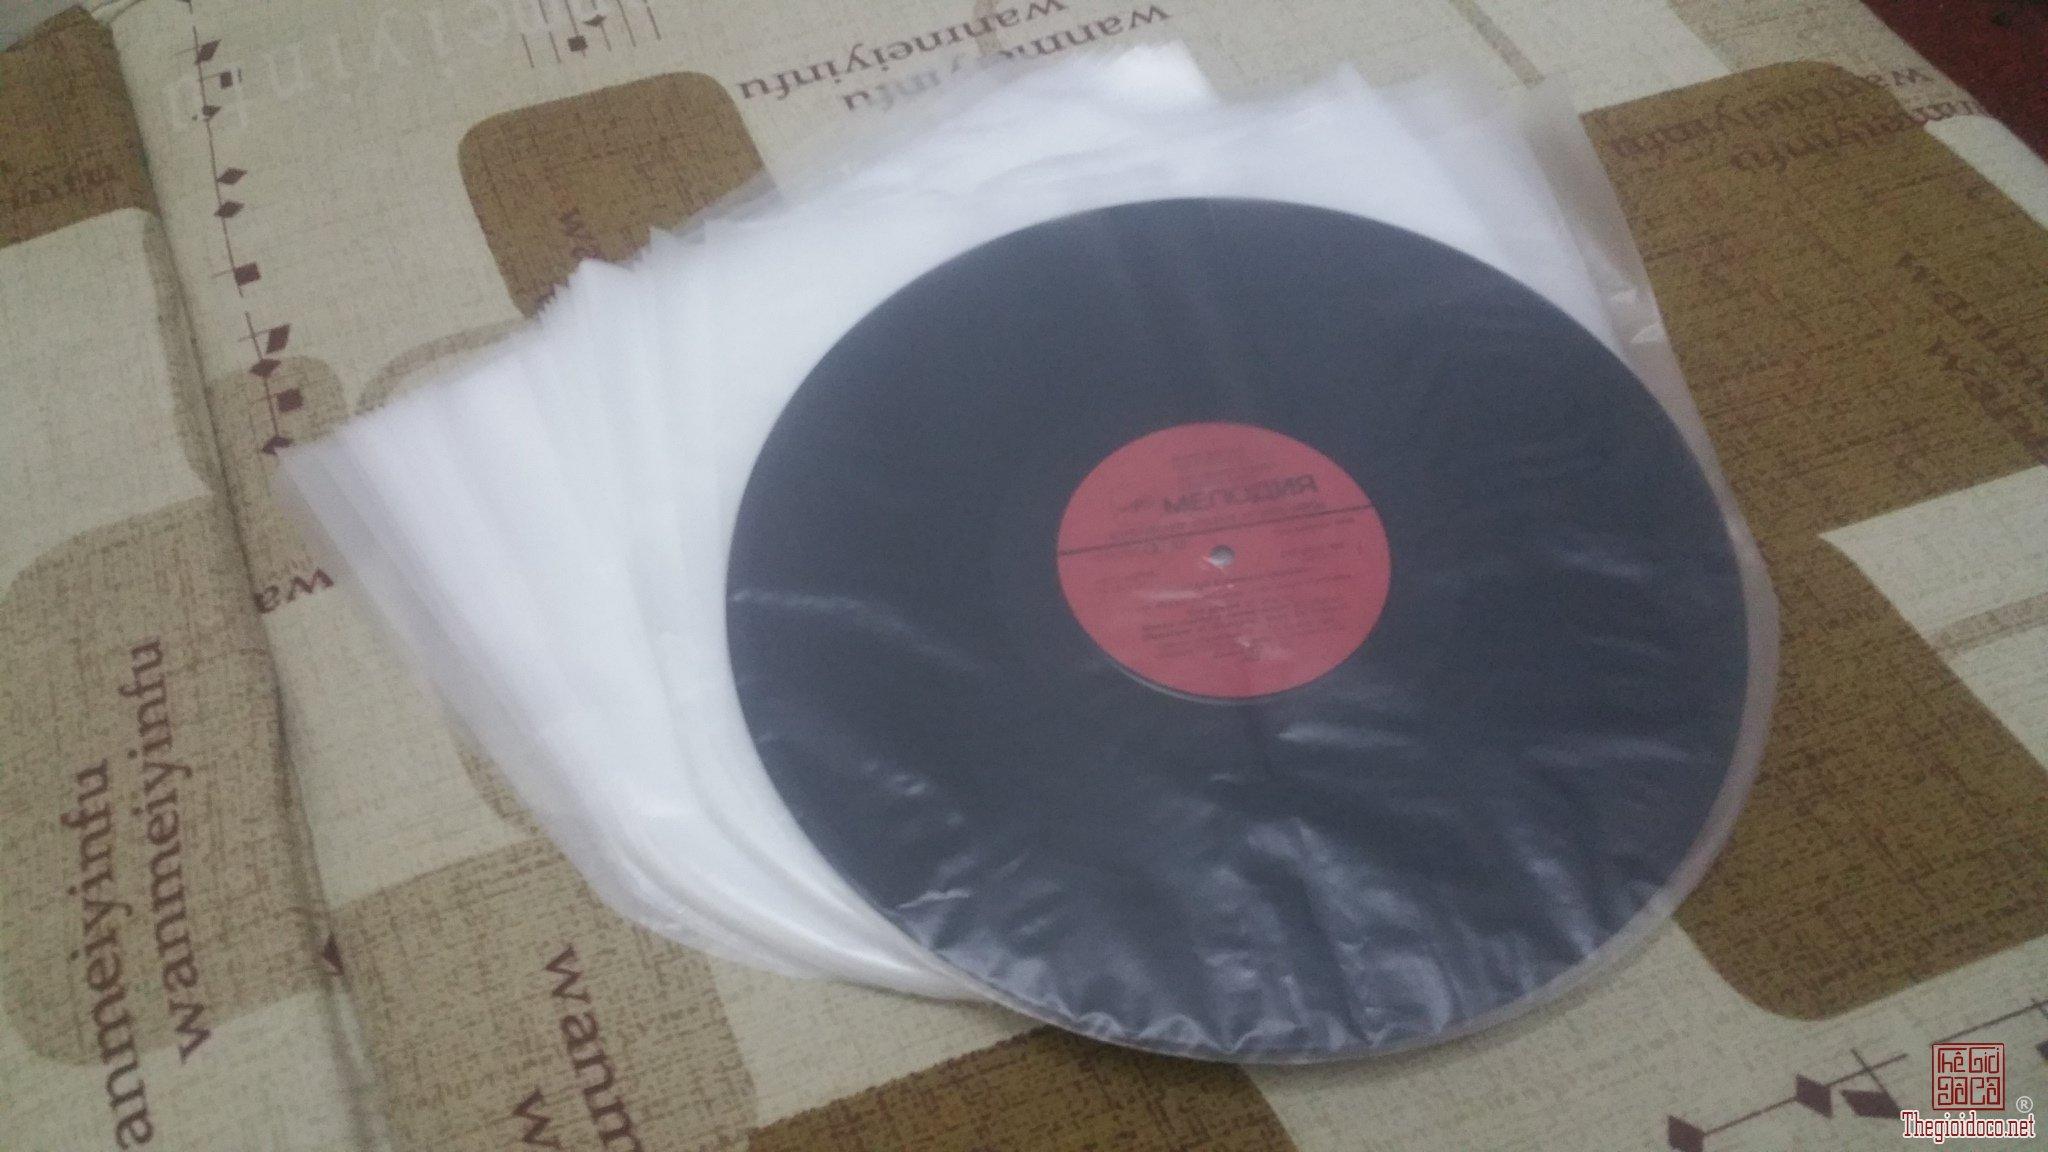 Túi nhựa chống tĩnh điện cho đĩa LP và LD số lượng 20 chiếc = 100 nghìn